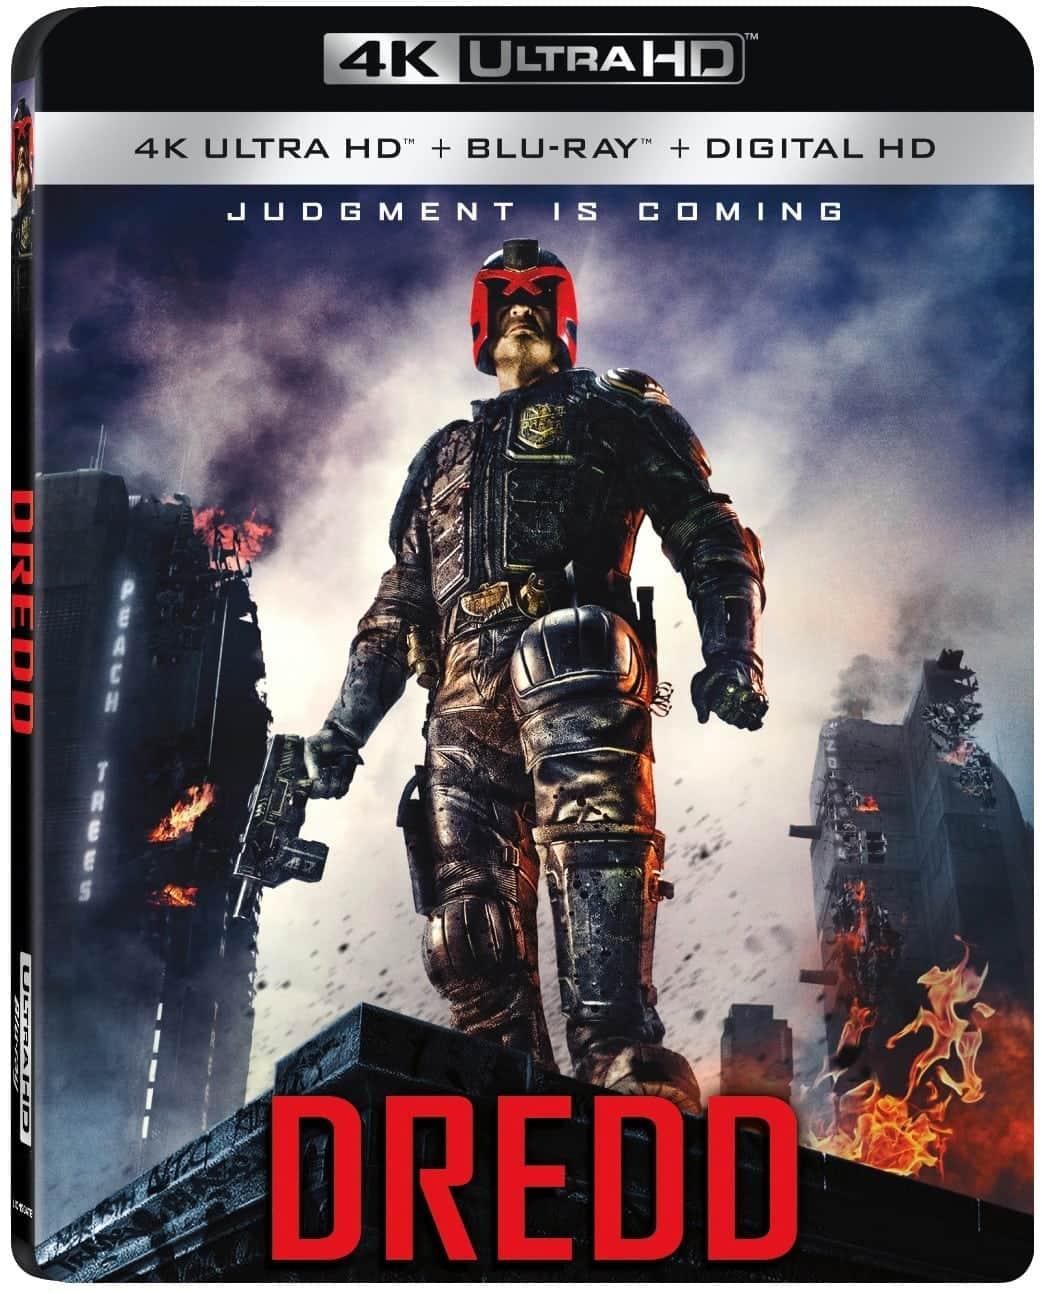 Dredd 4K 2012 Ultra HD 2160p